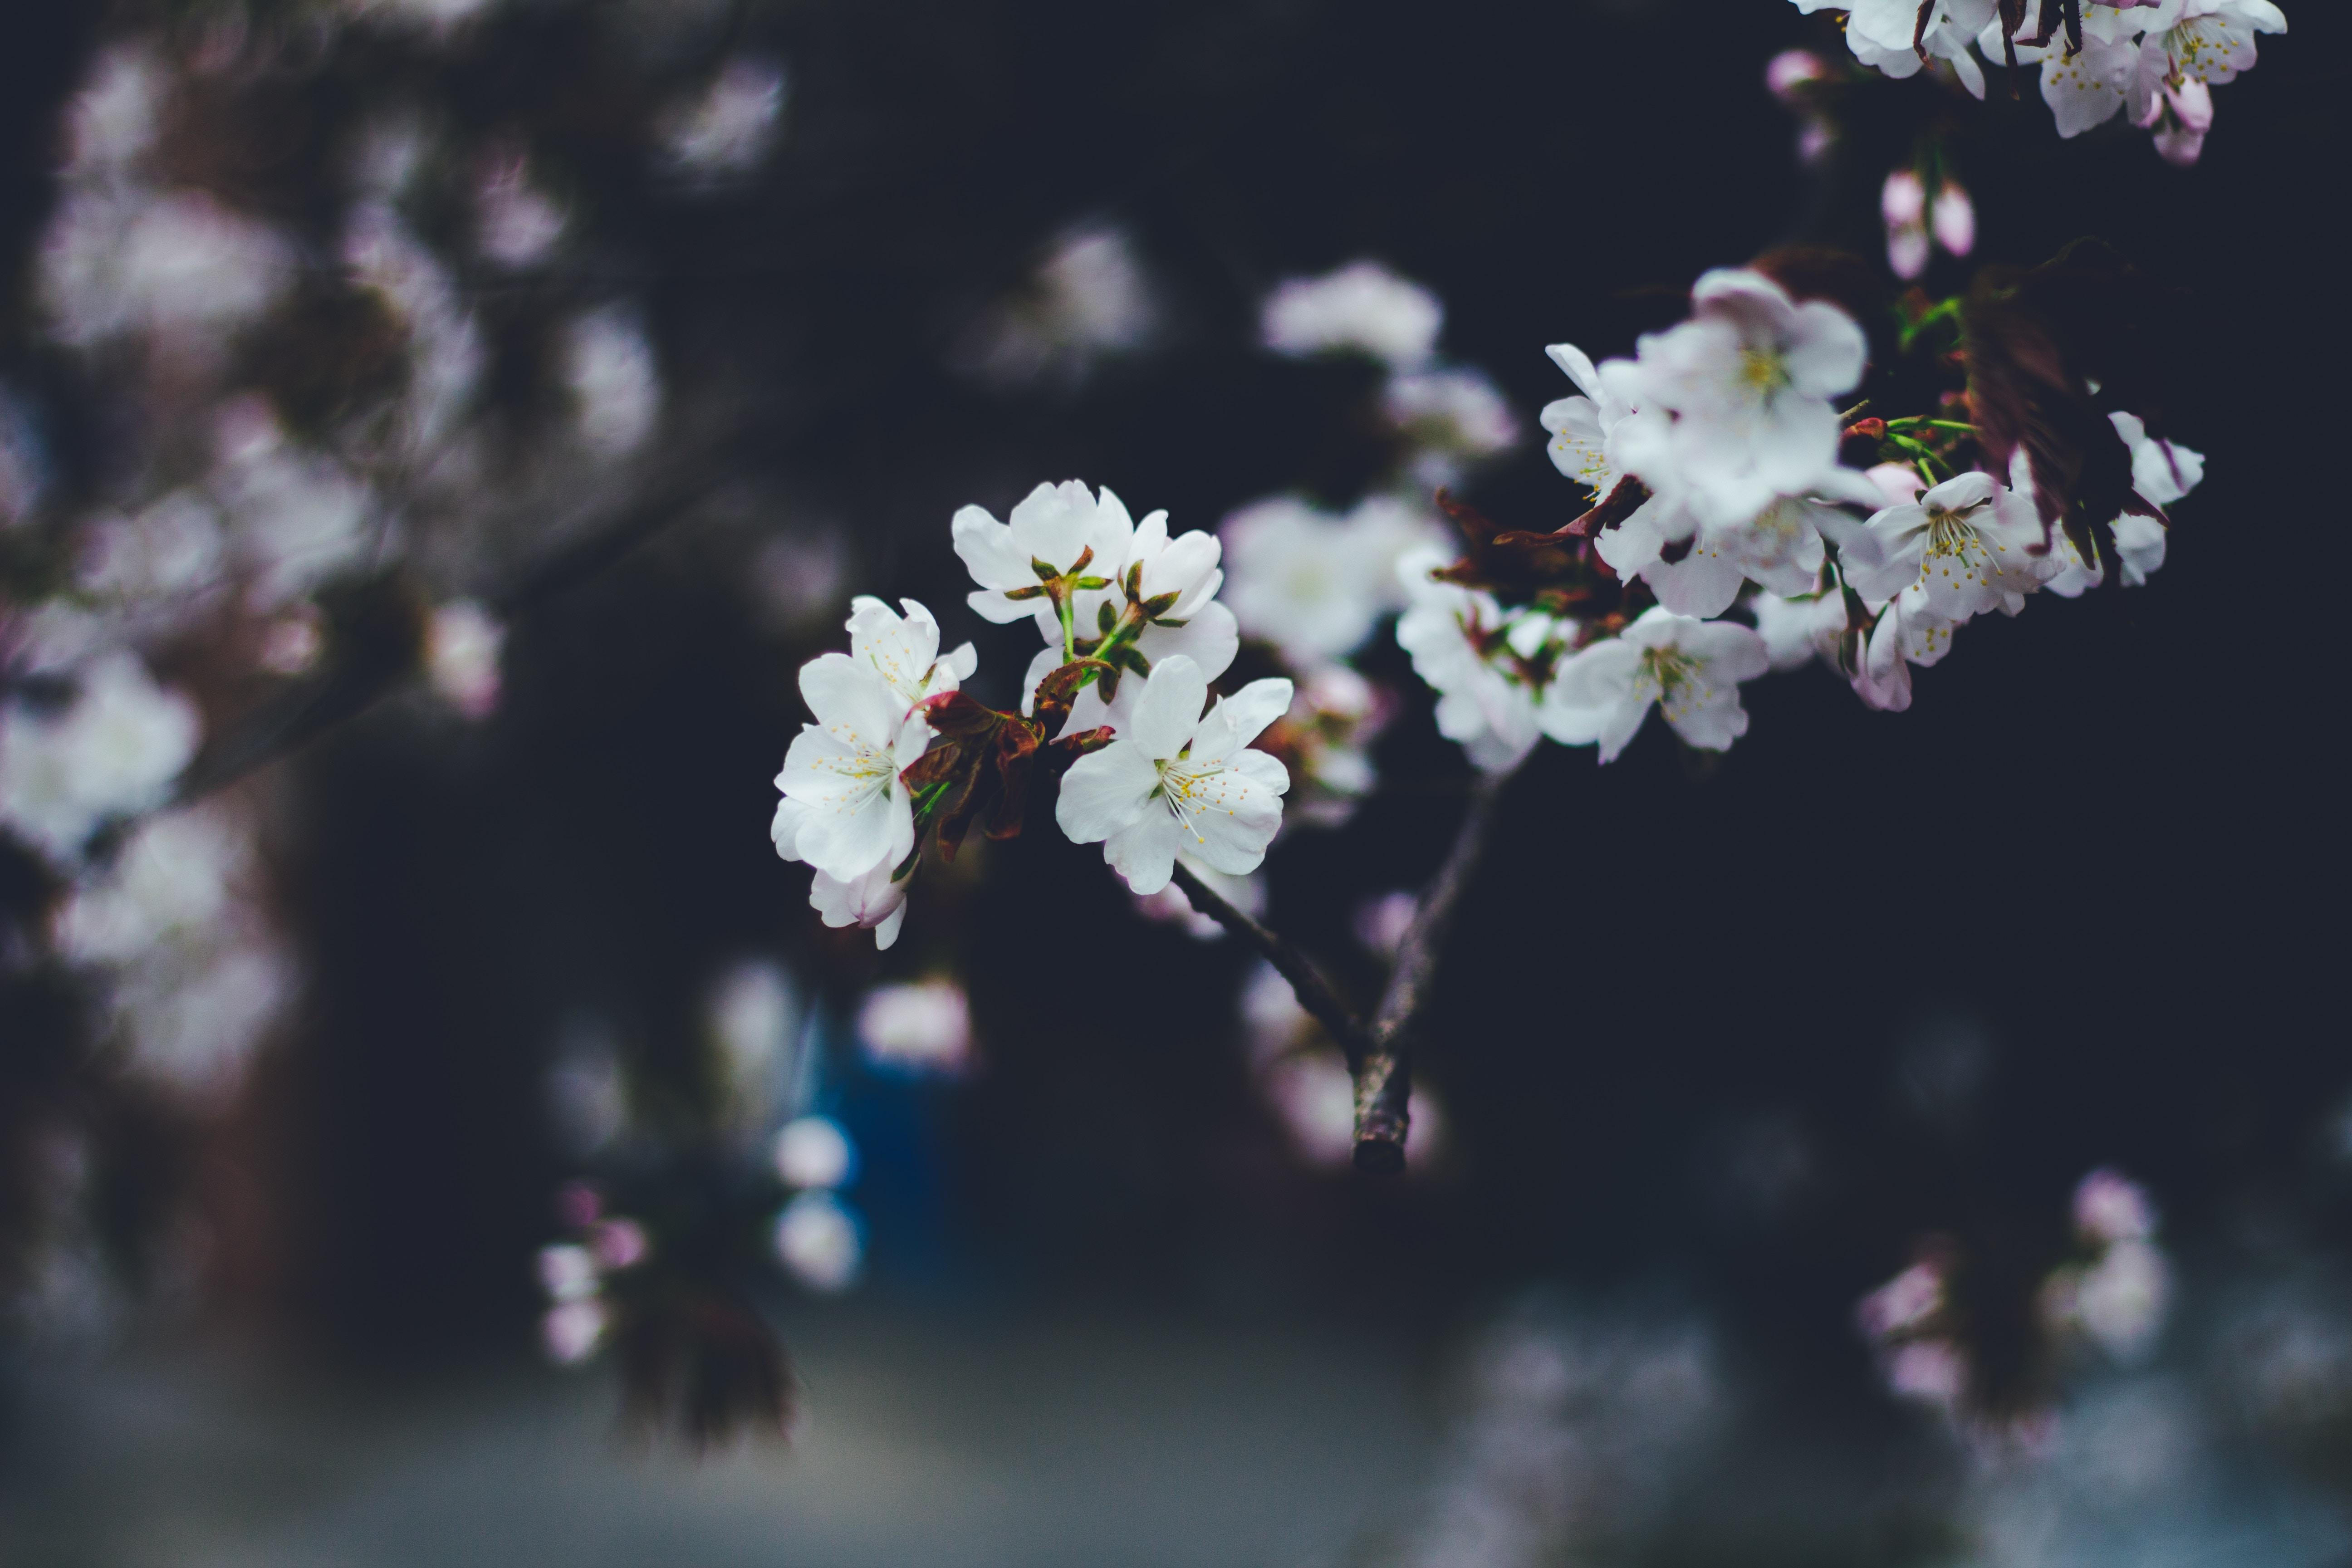 90579 скачать обои Цветы, Макро, Размытость, Ветки, Цветение, Весна - заставки и картинки бесплатно